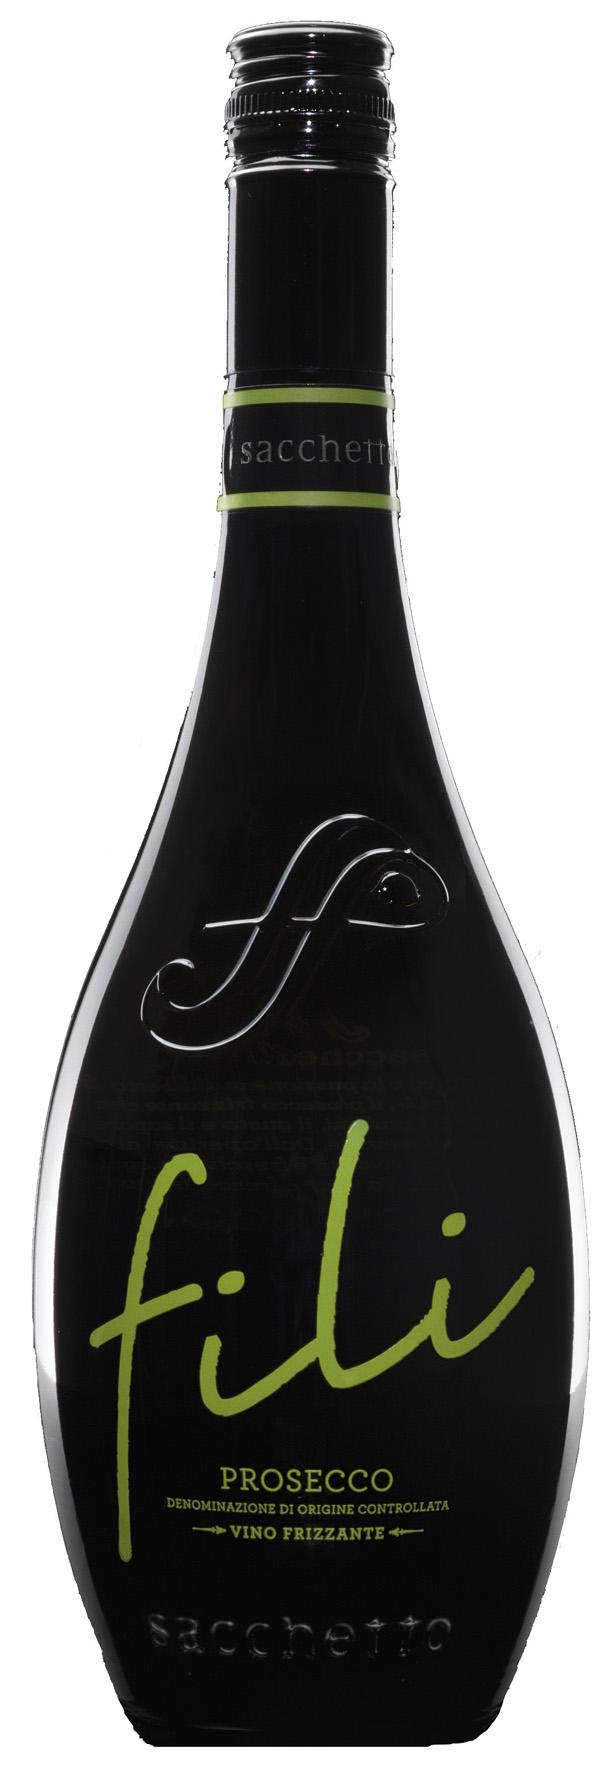 Sacchetto FILI Prosecco DOC Vino Frizzante